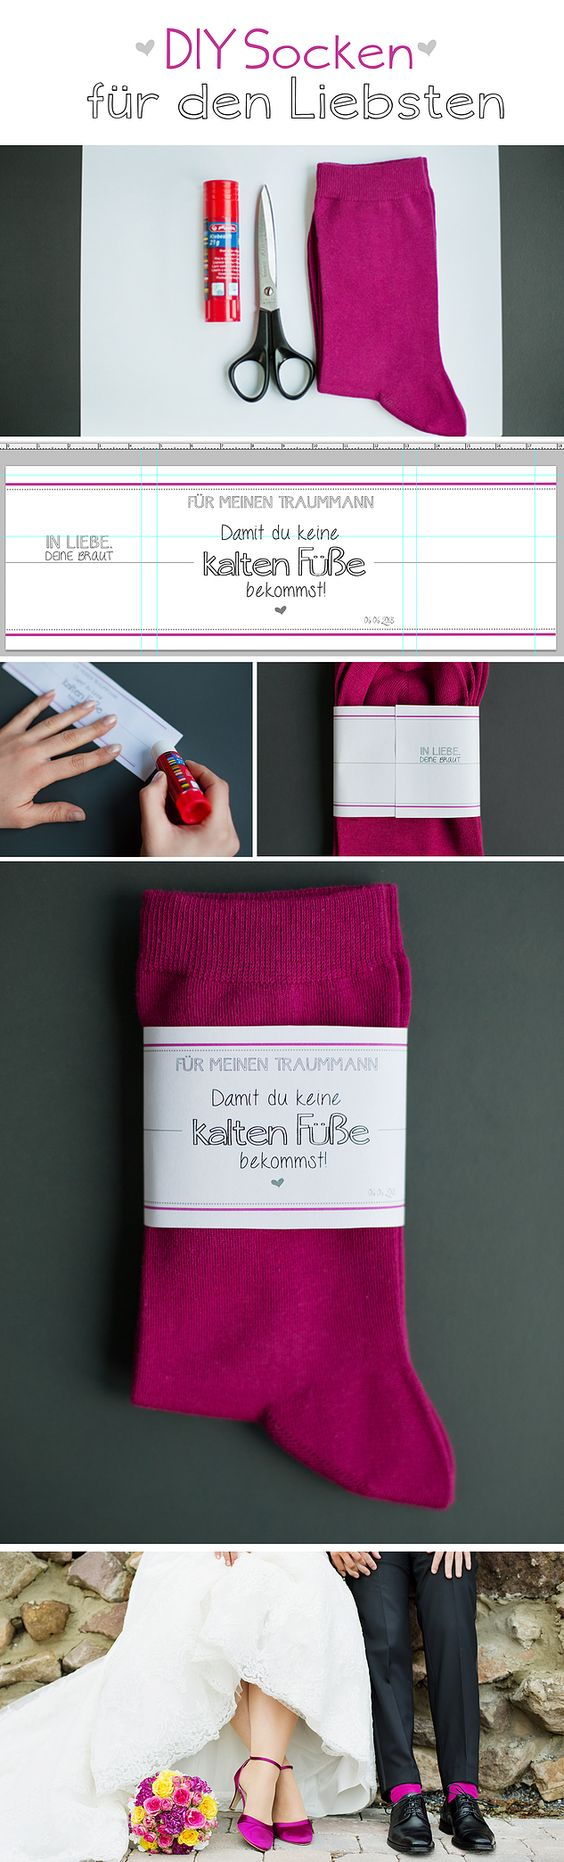 DIY Socken